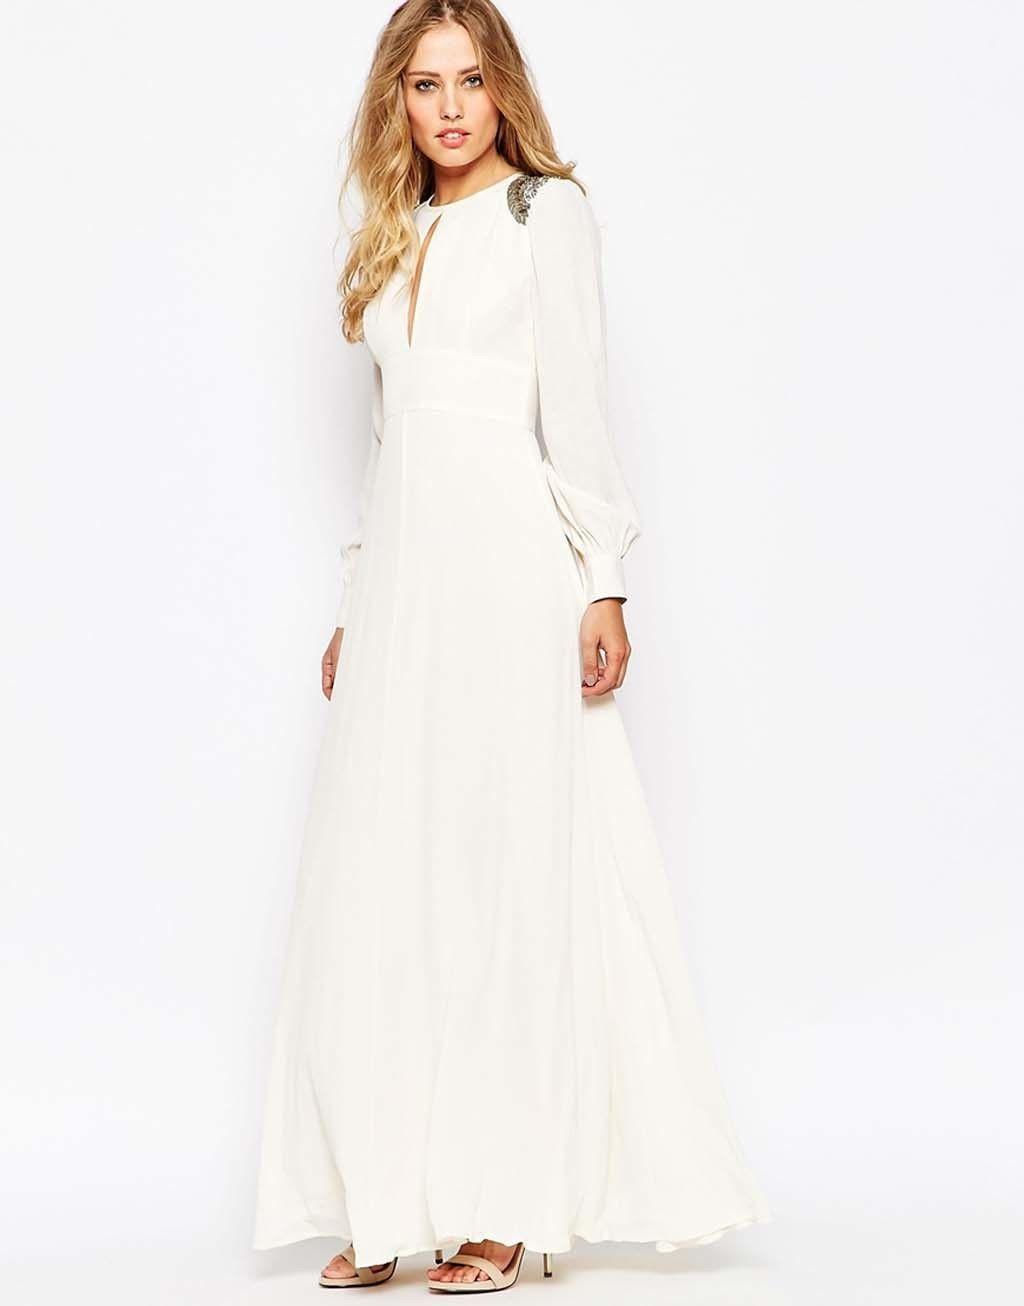 Vestidos de novia por 100 euros